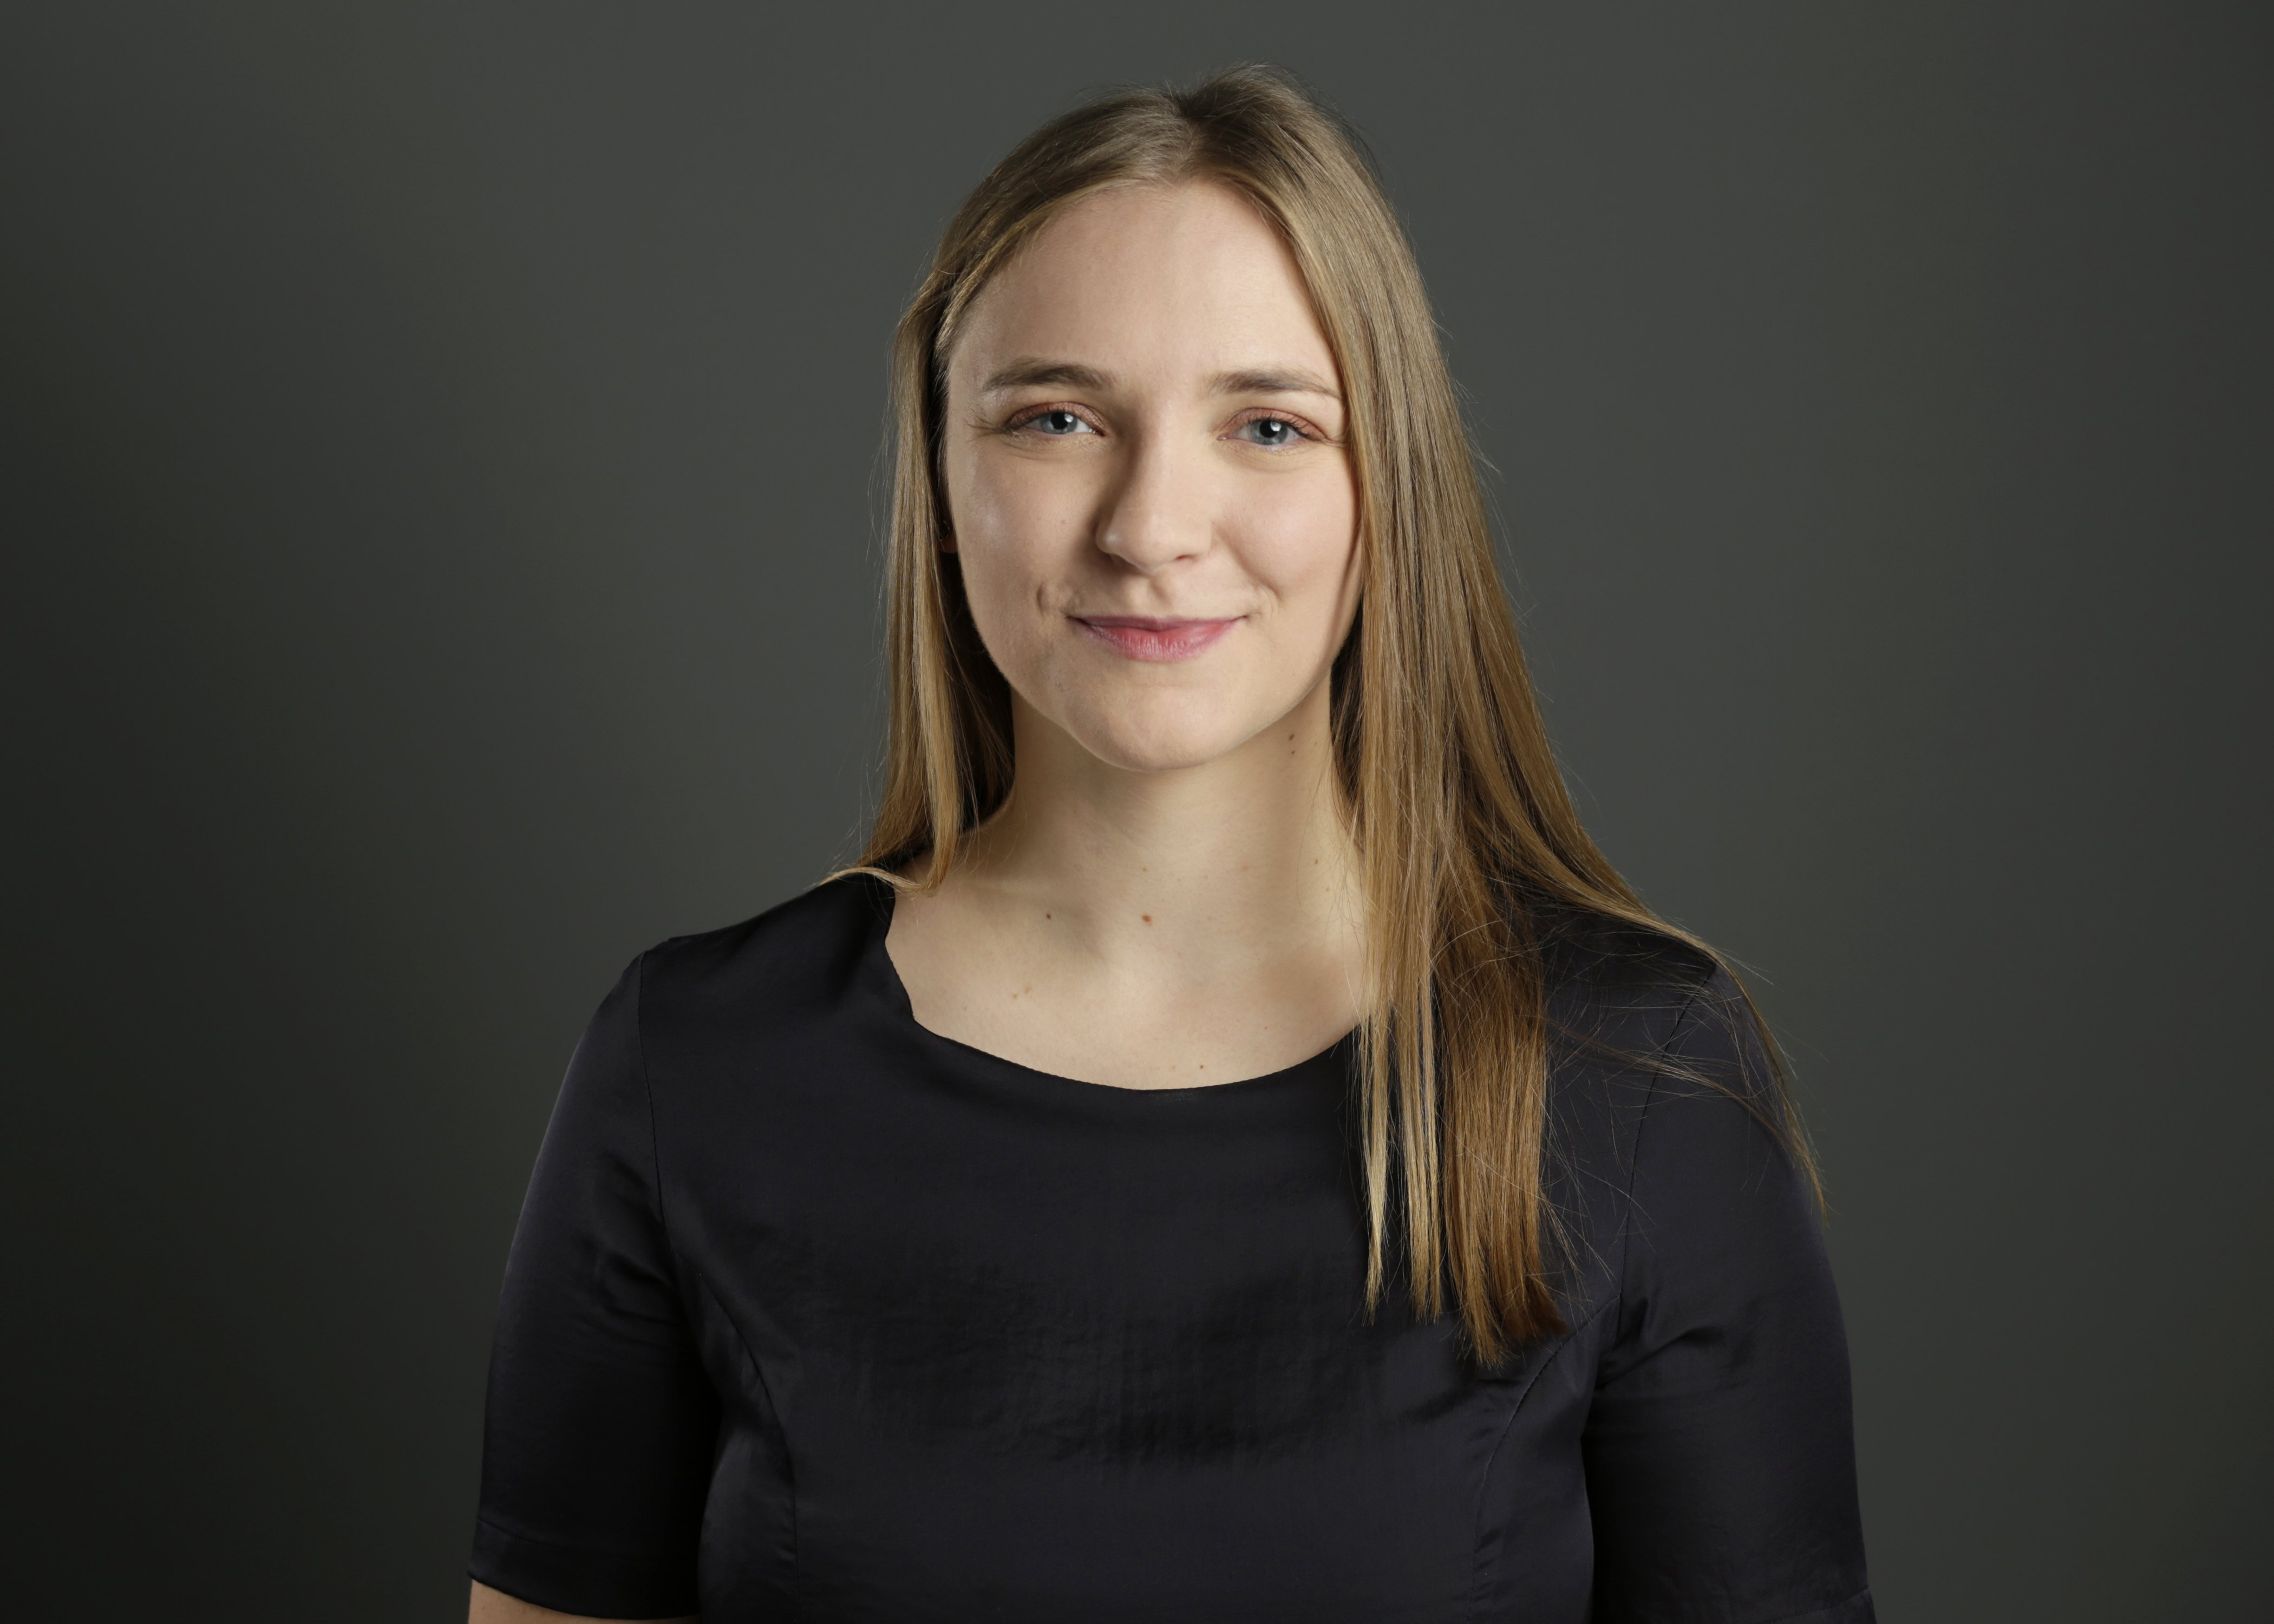 Rhianna Hutchins